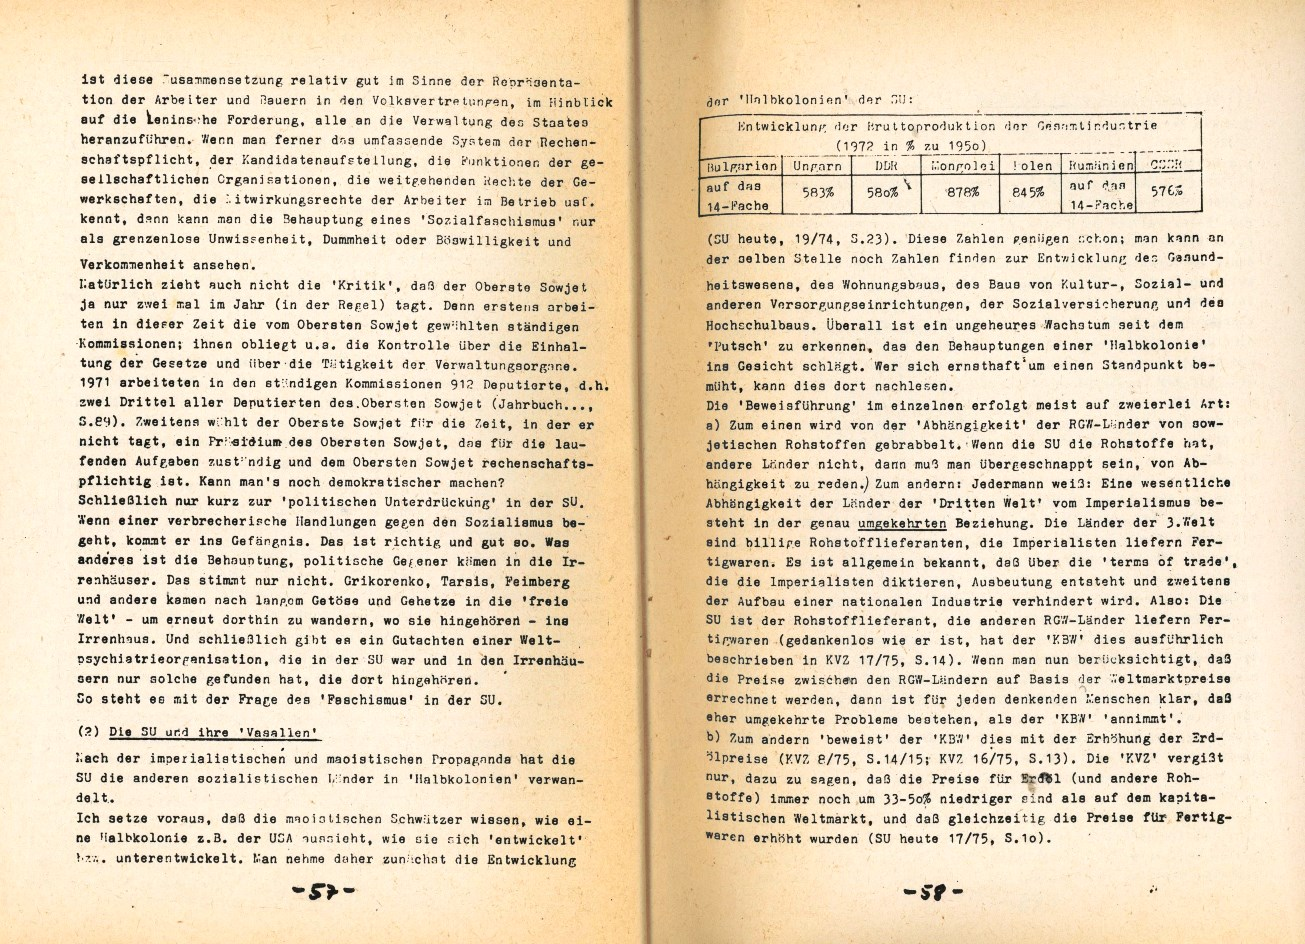 Giessen_MSB_1976_Der_KBW_eine_rechte_Organisation_31